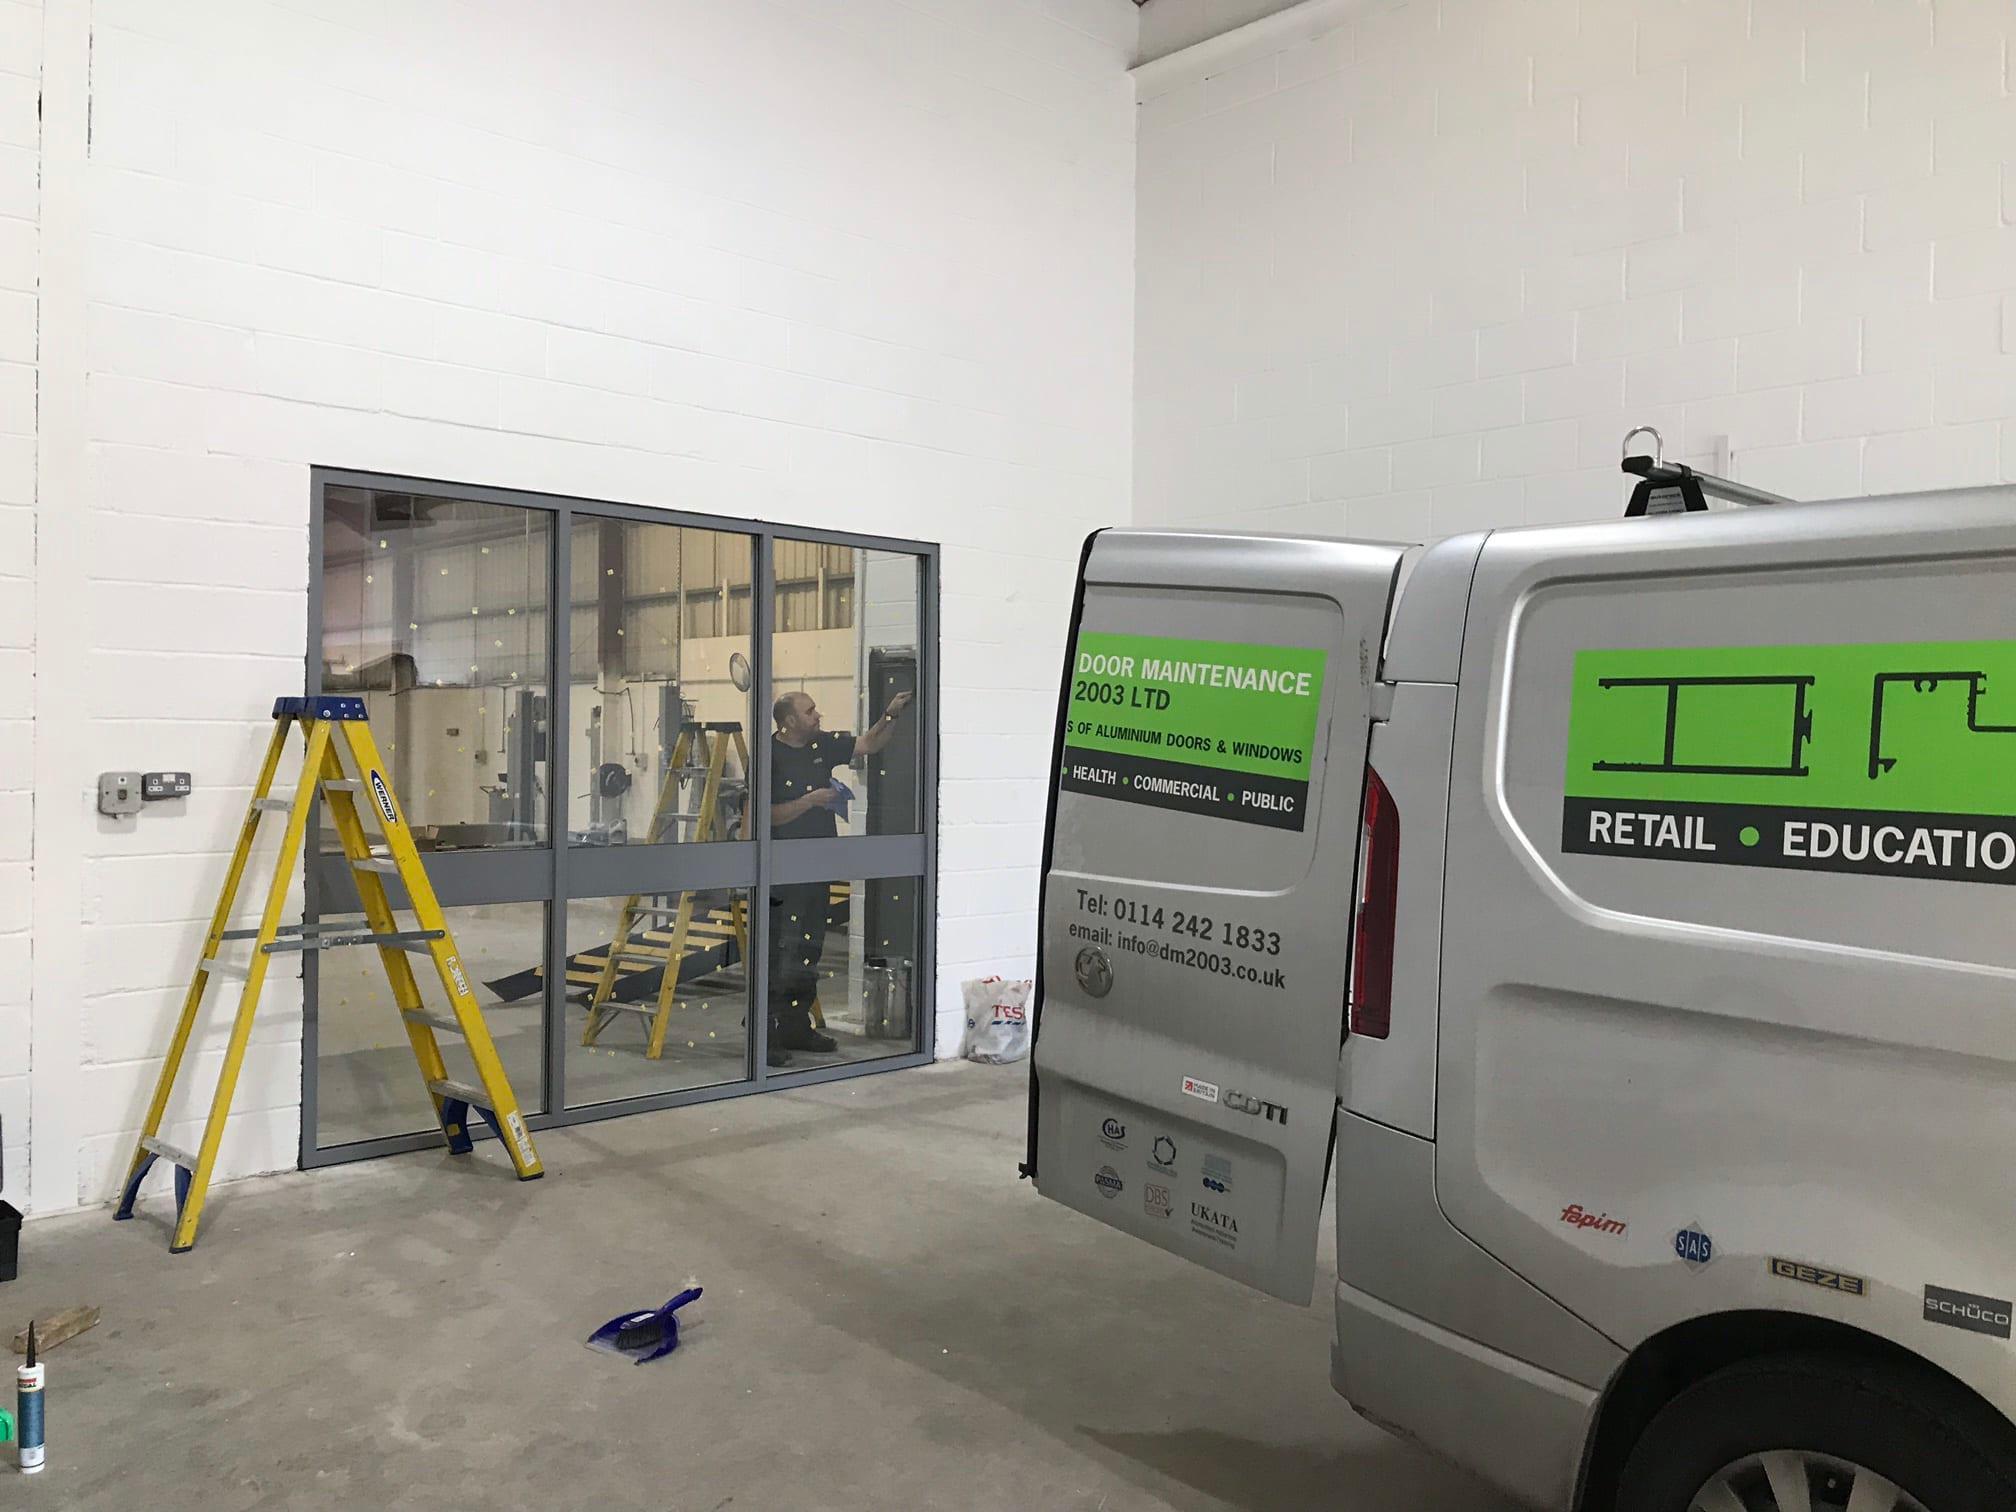 Door Maintenance 2003 Ltd